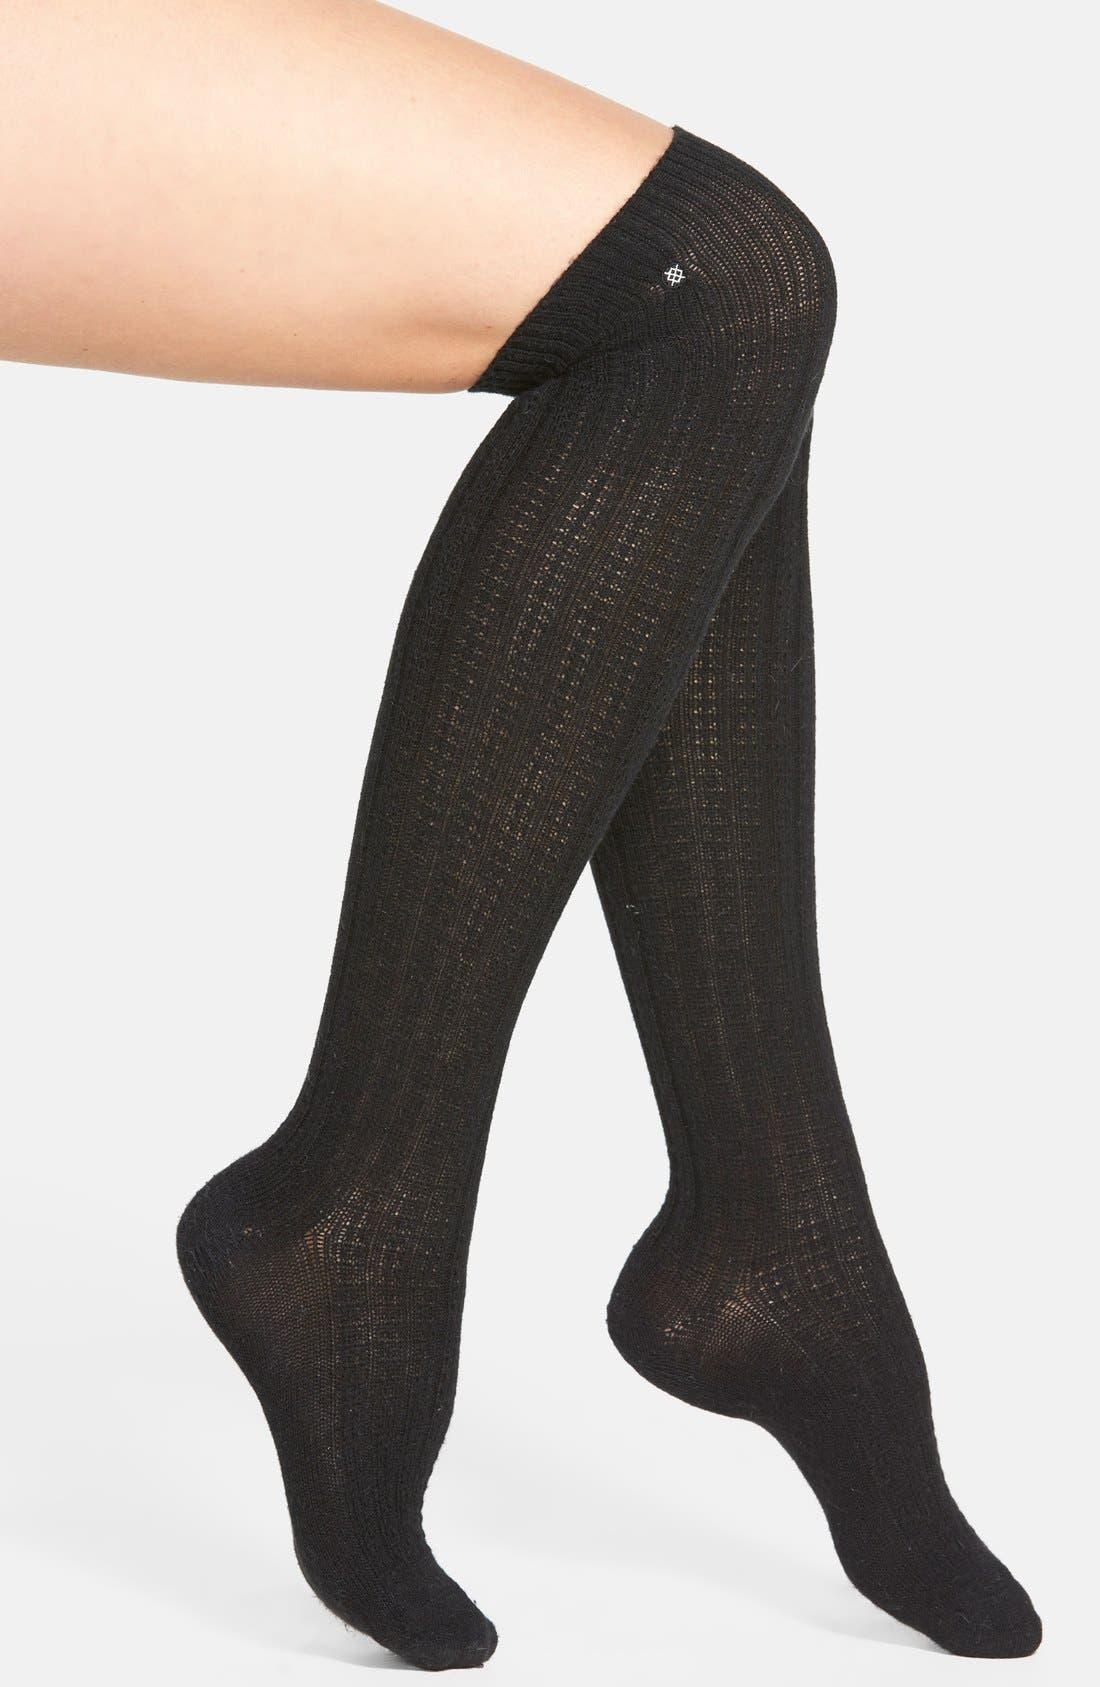 Alternate Image 1 Selected - Stance 'SoHo' Over the Knee Socks